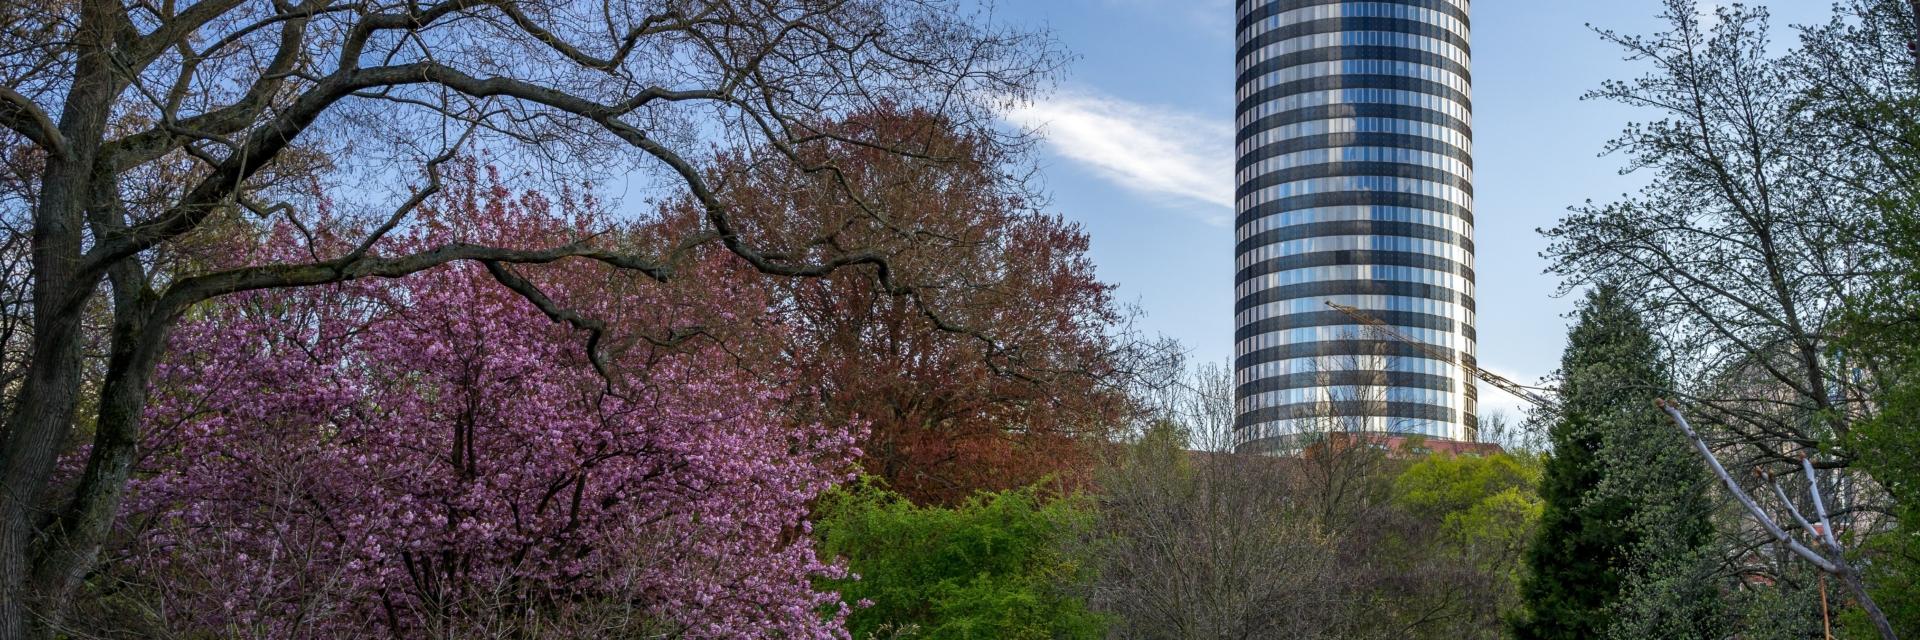 Jena im Frühling - Botanischer Garten